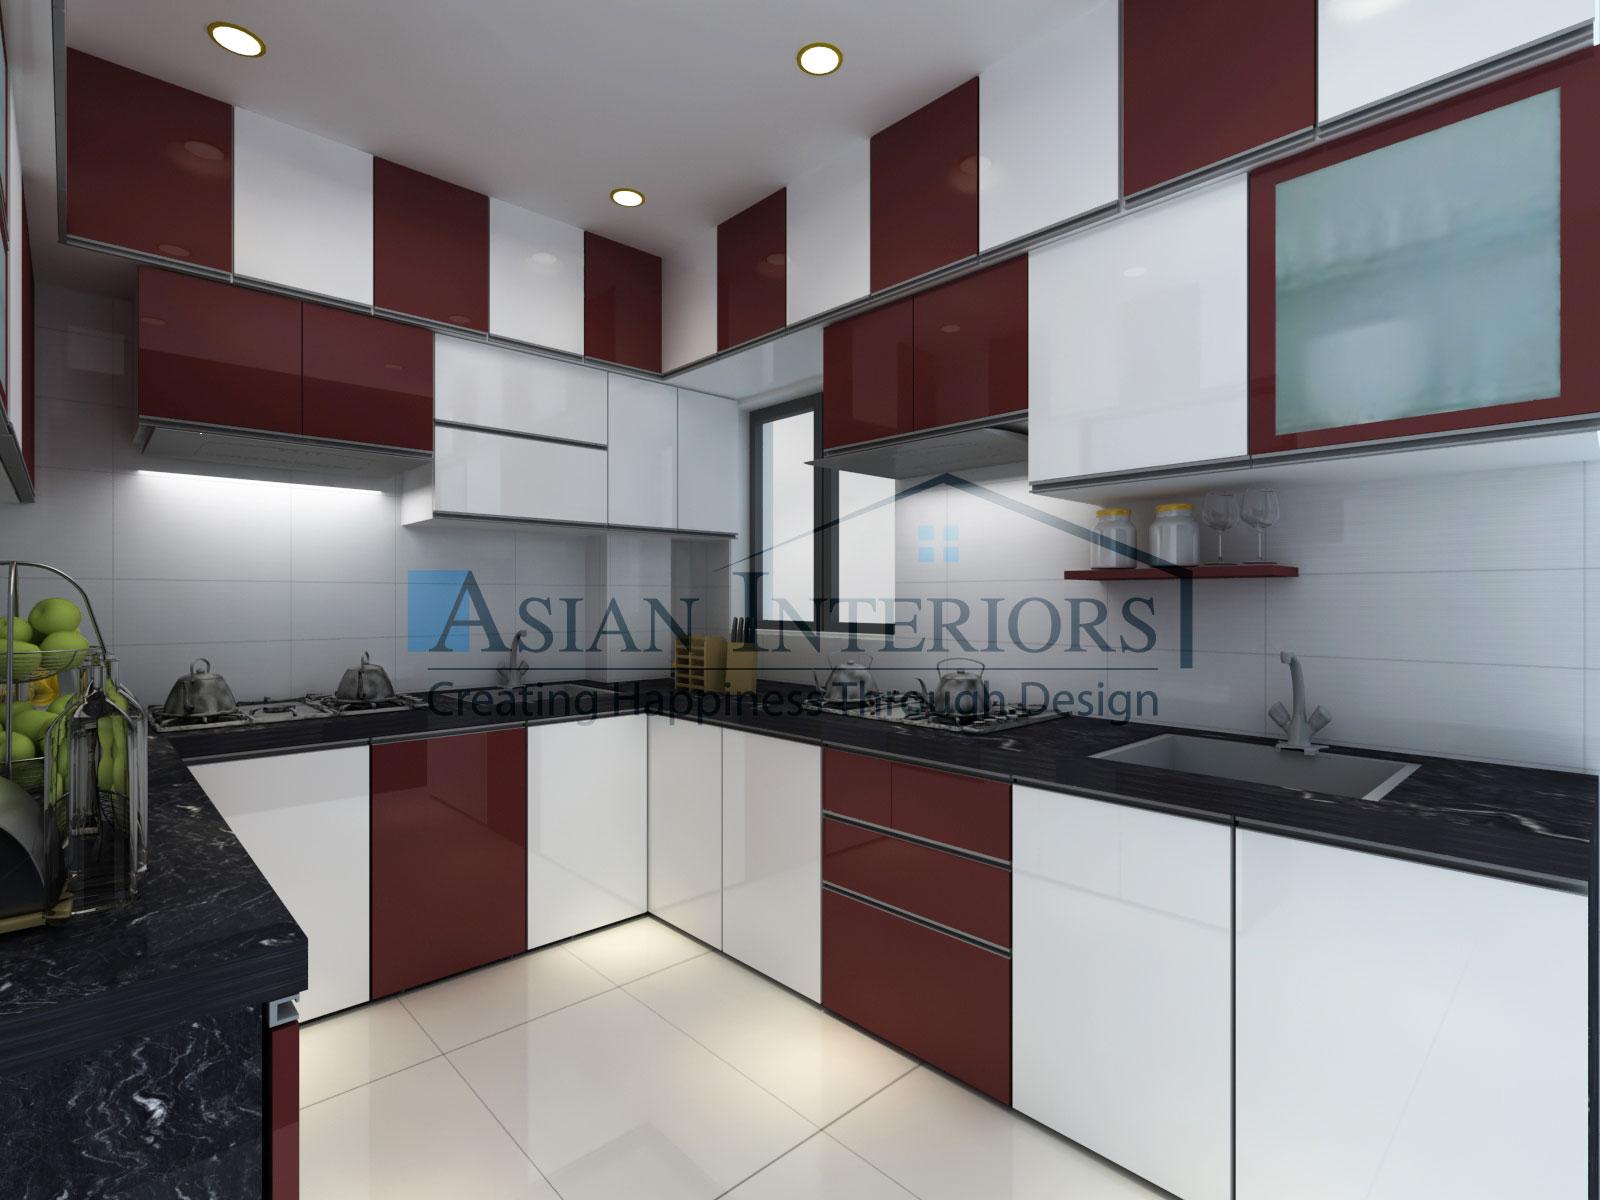 Asian-Interiors-Kitchen4